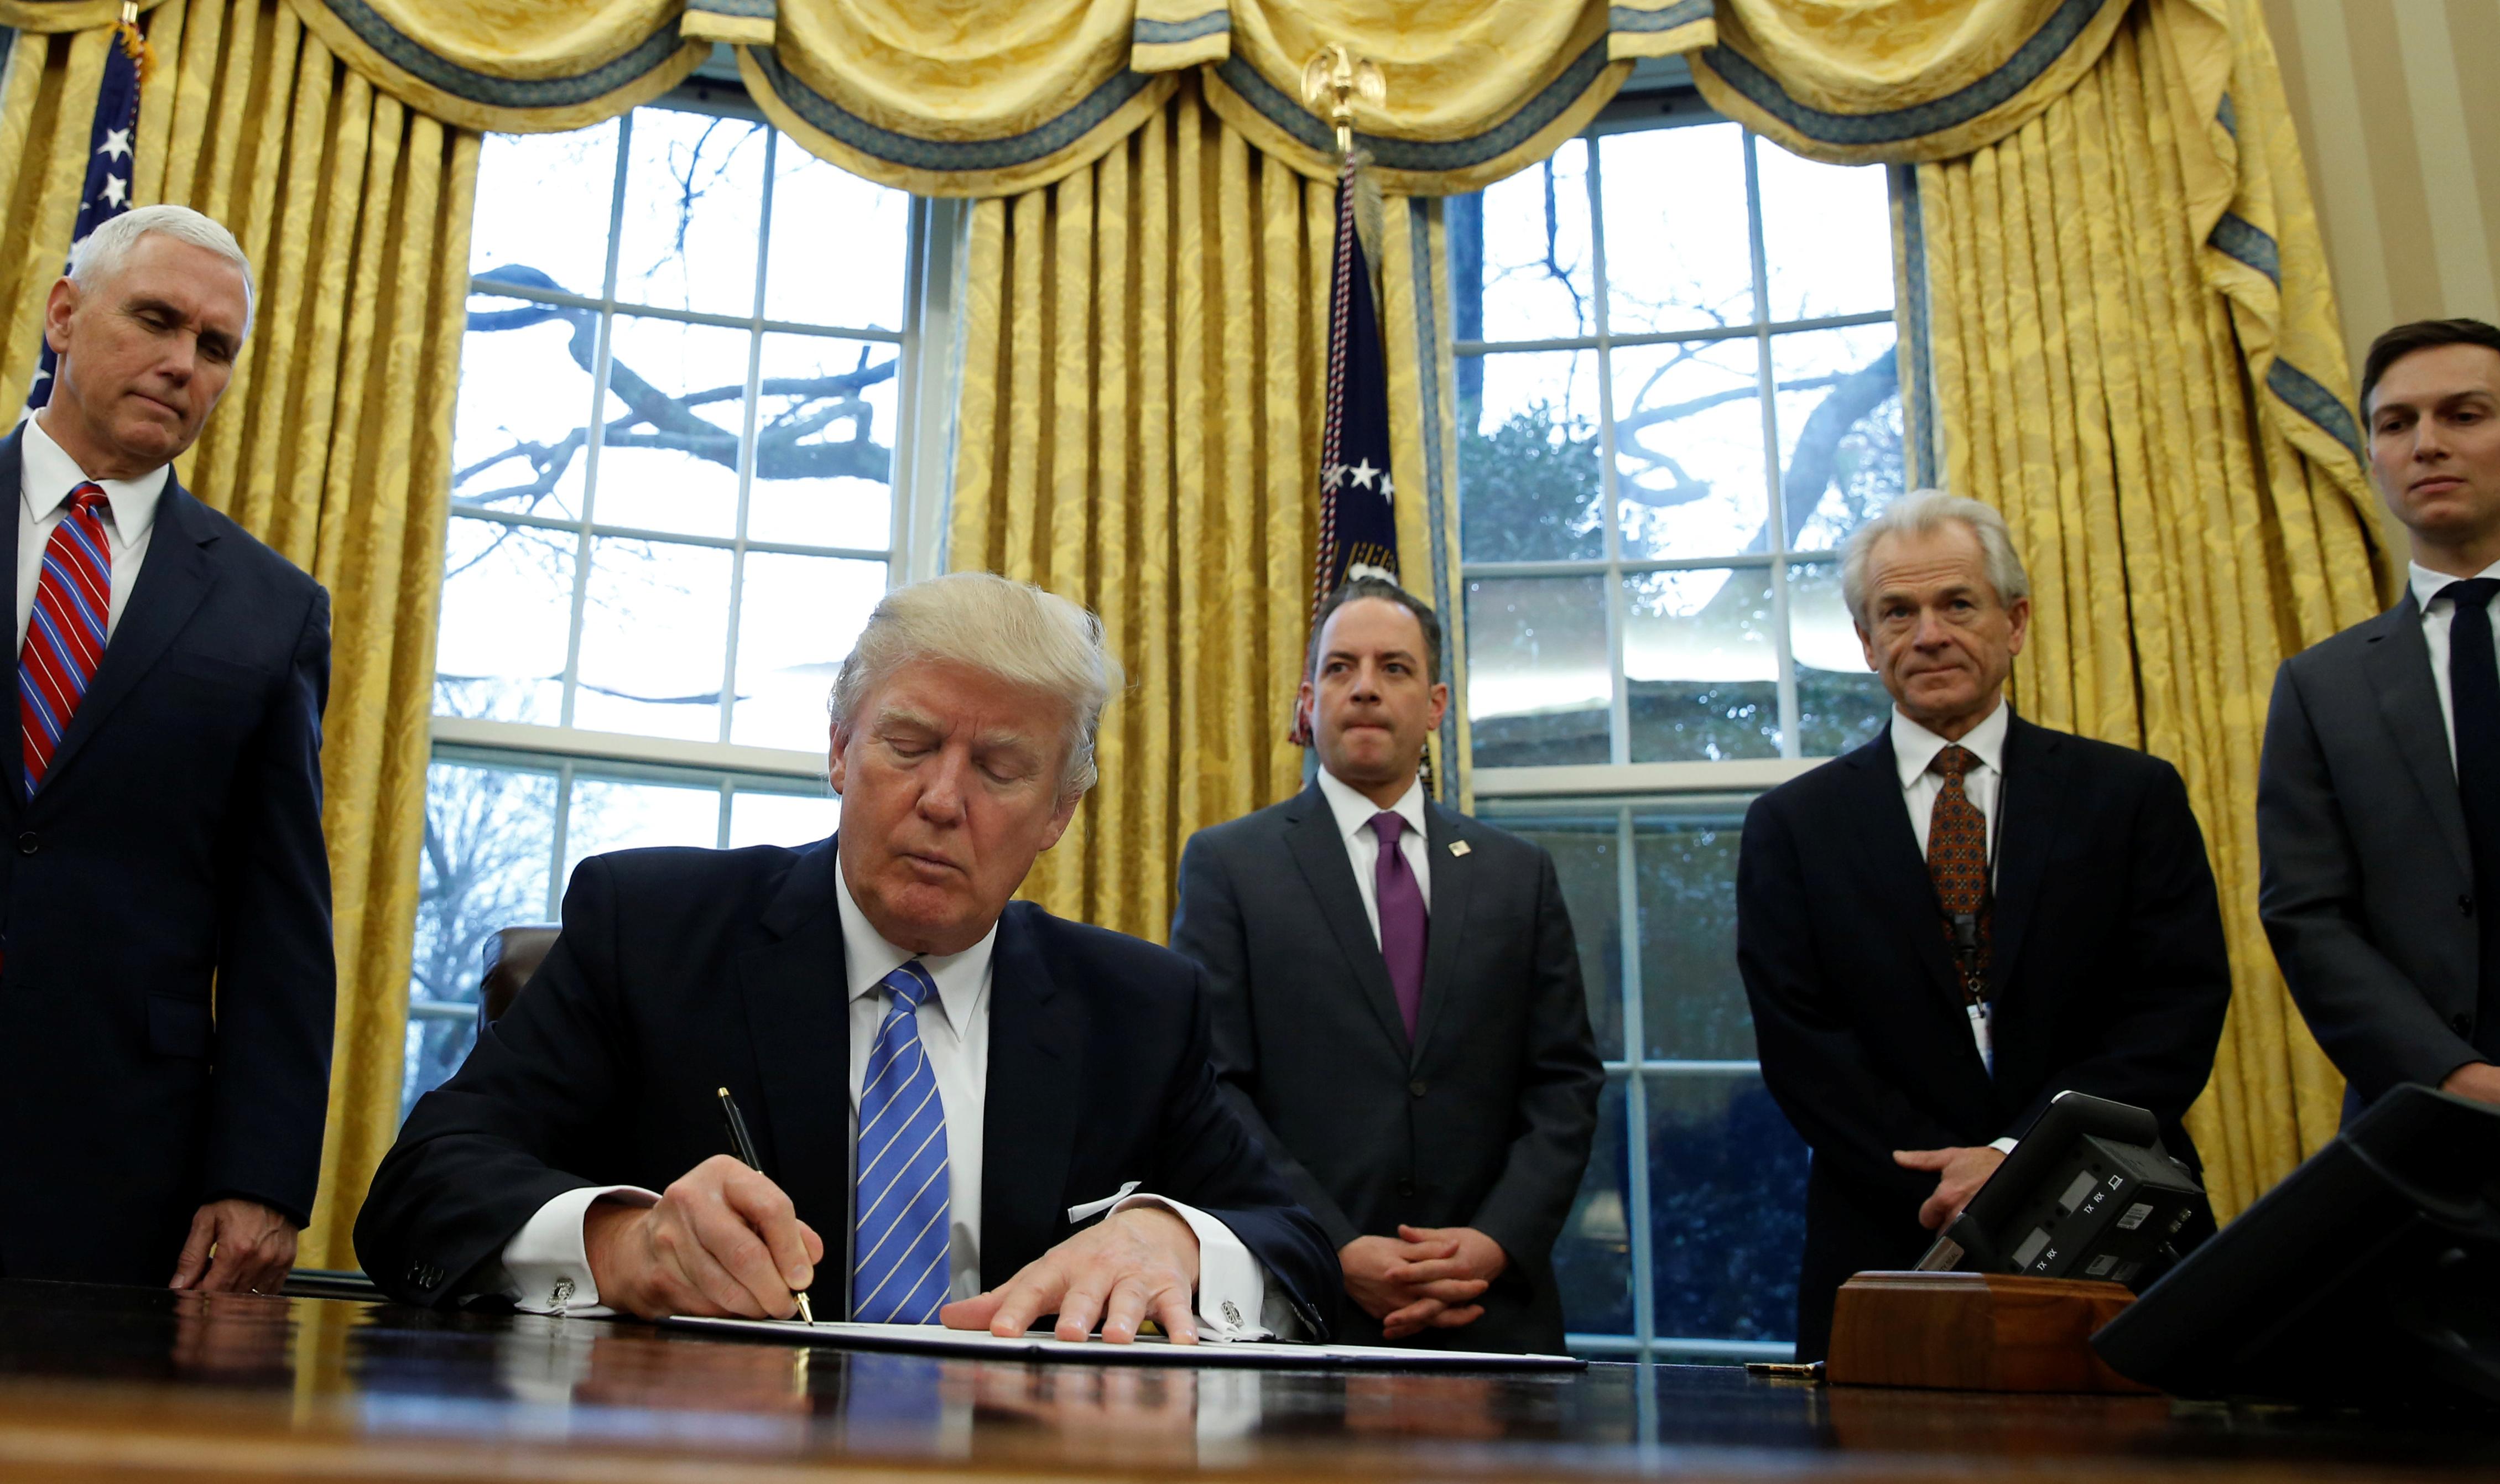 Αποτέλεσμα εικόνας για What Does Trump's Executive Order Against Obamacare Actually Do?